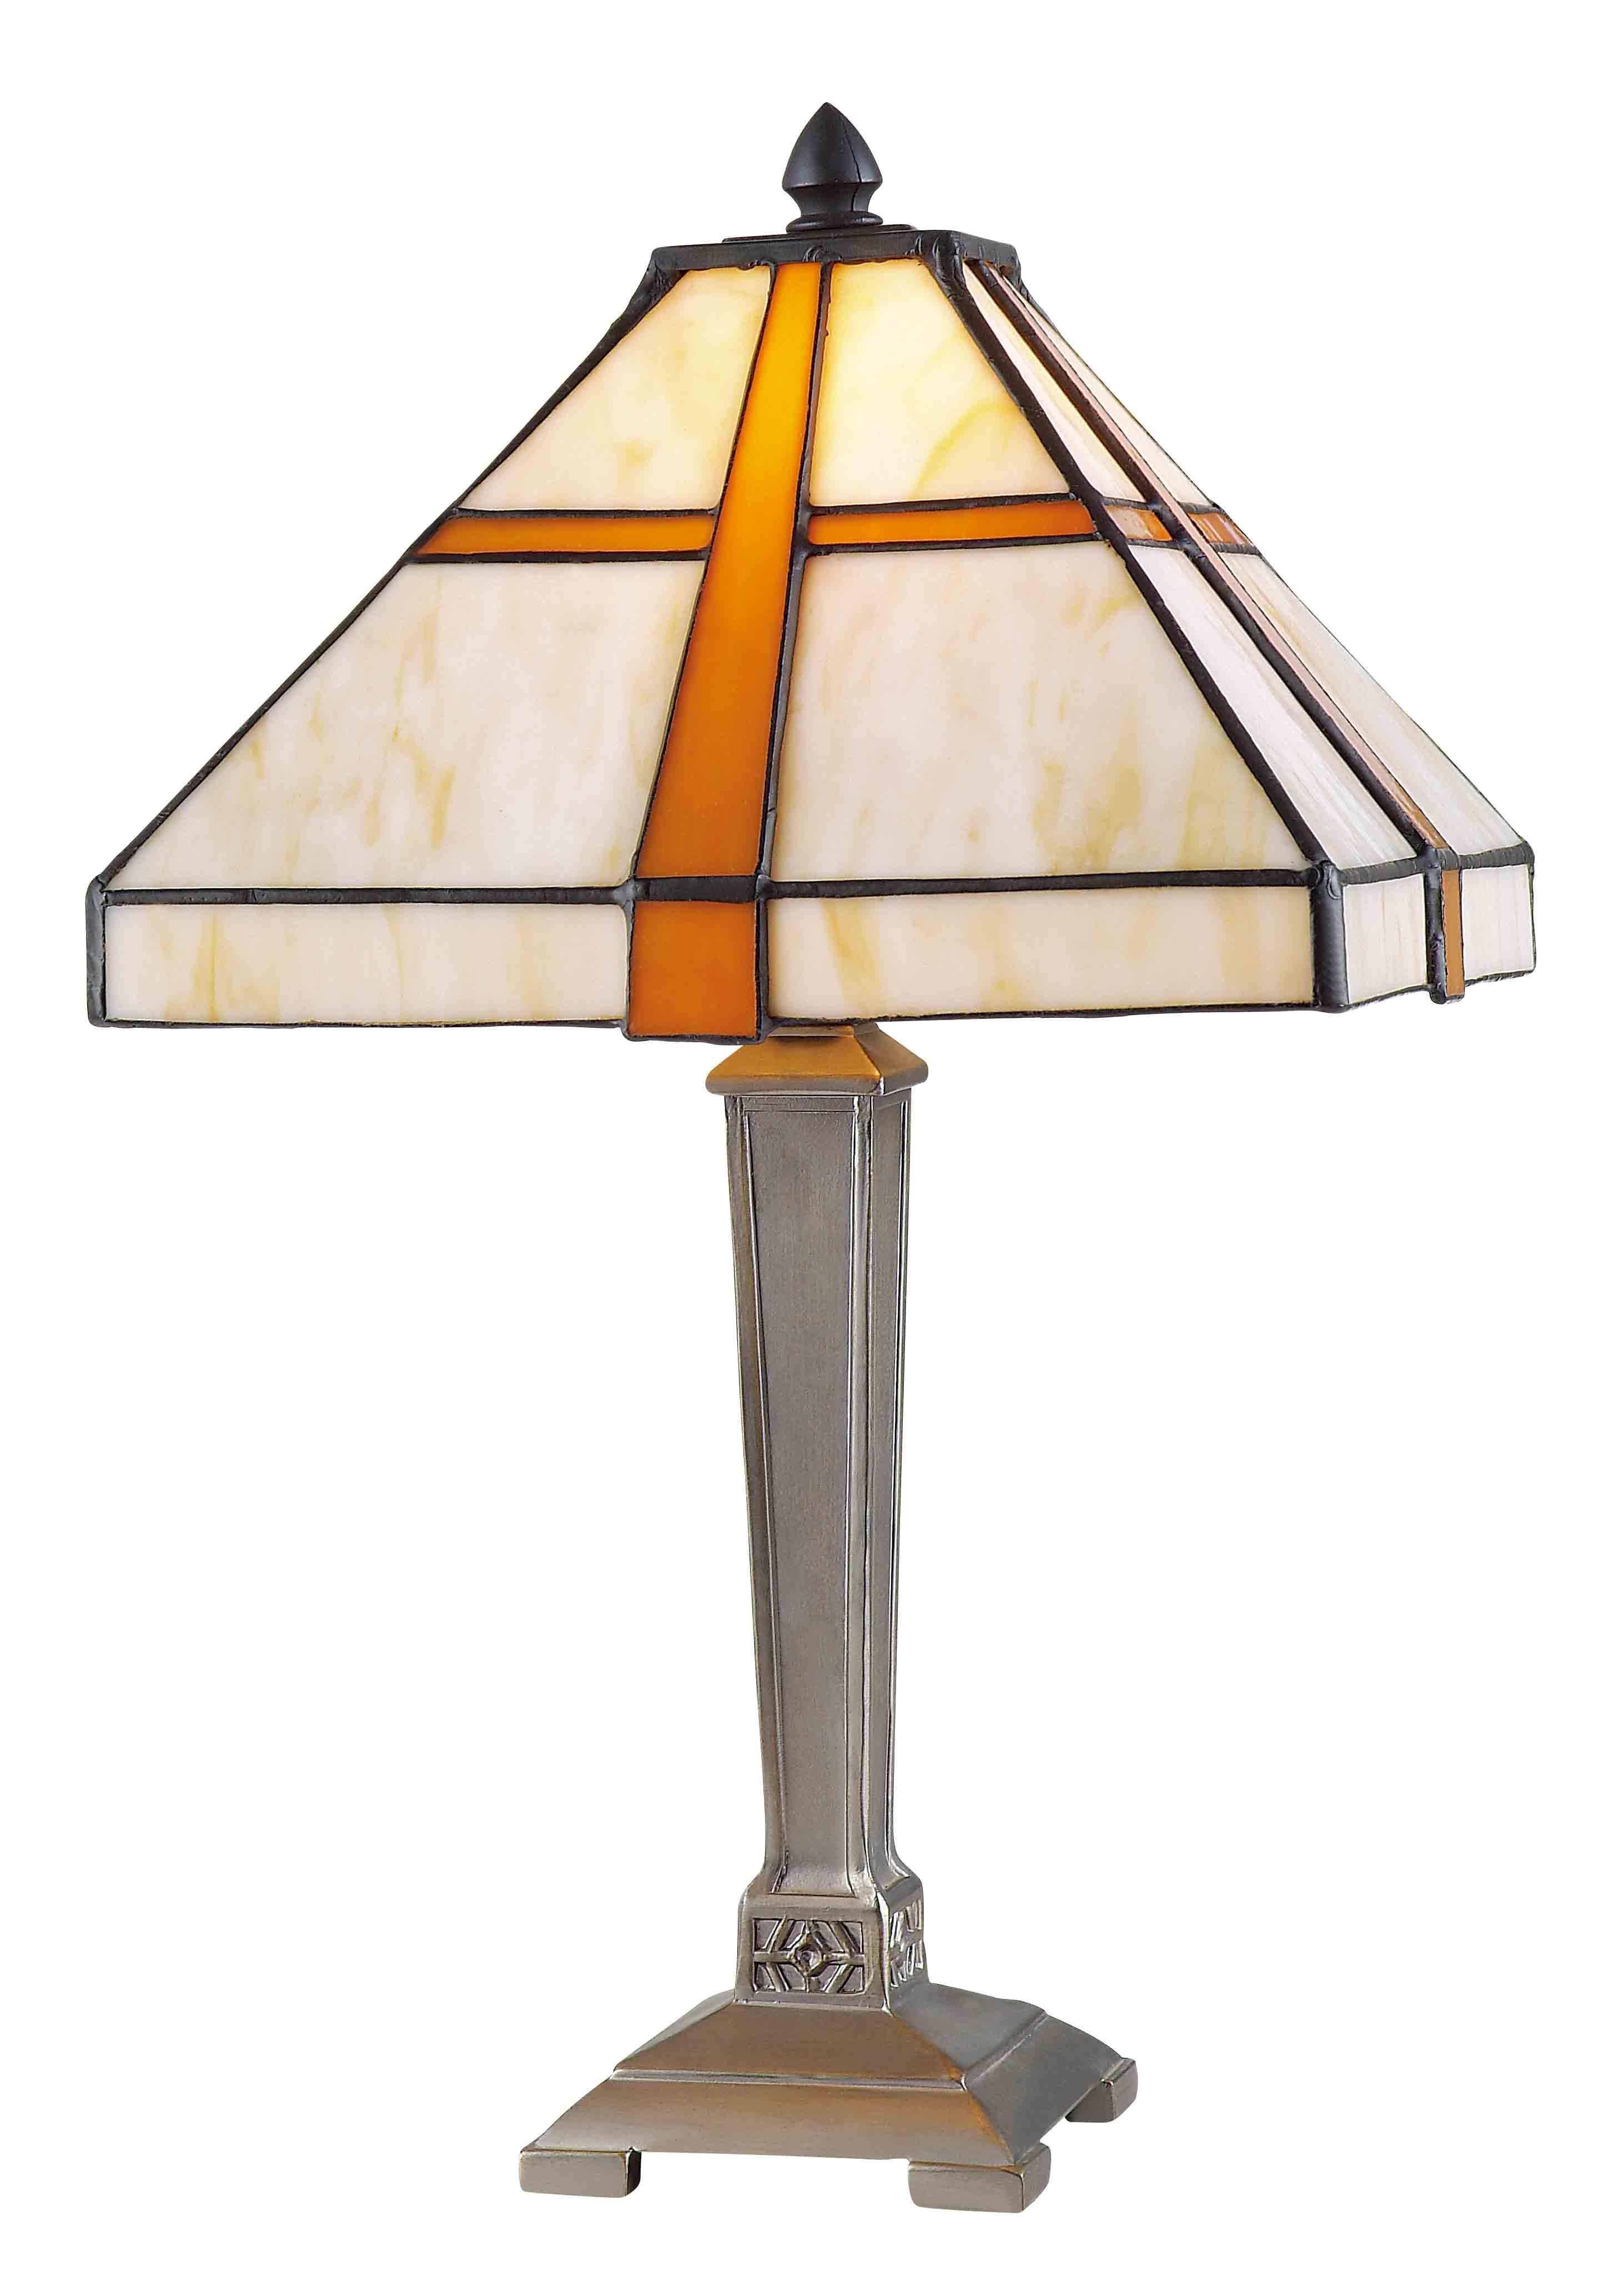 首页 产品目录 台灯  产品属性 产品类别: 照明台灯 产品详情: 展品